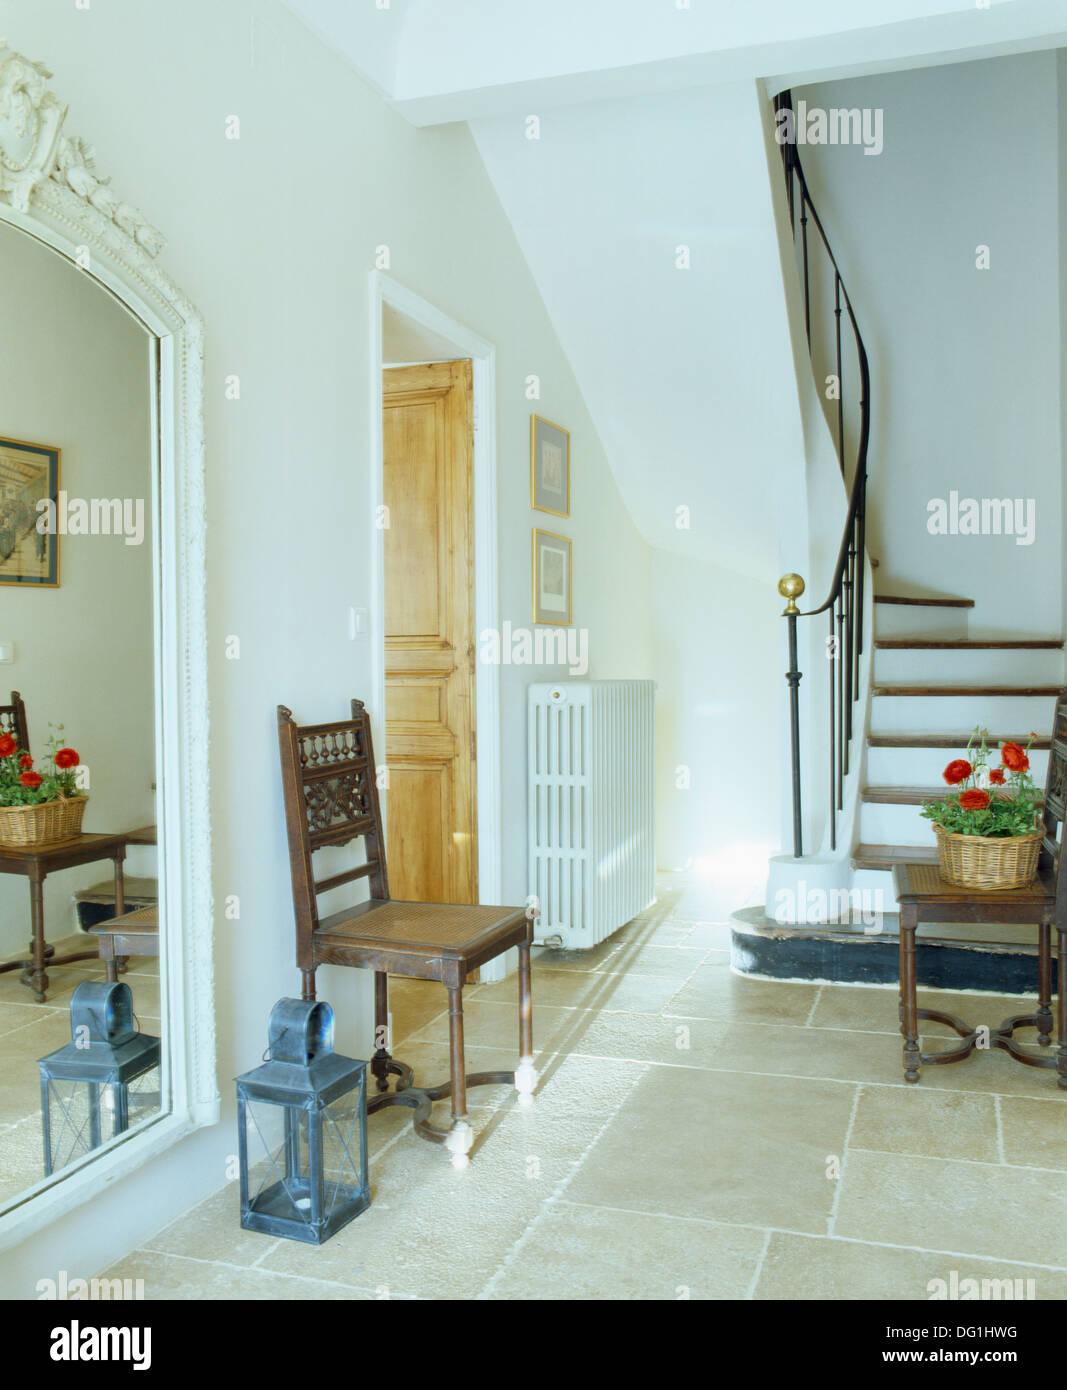 Große Laterne Neben Antiken Stuhl Im Französischen Saal Mit Flagge Stein  Boden Und Große Gemalte Spiegel